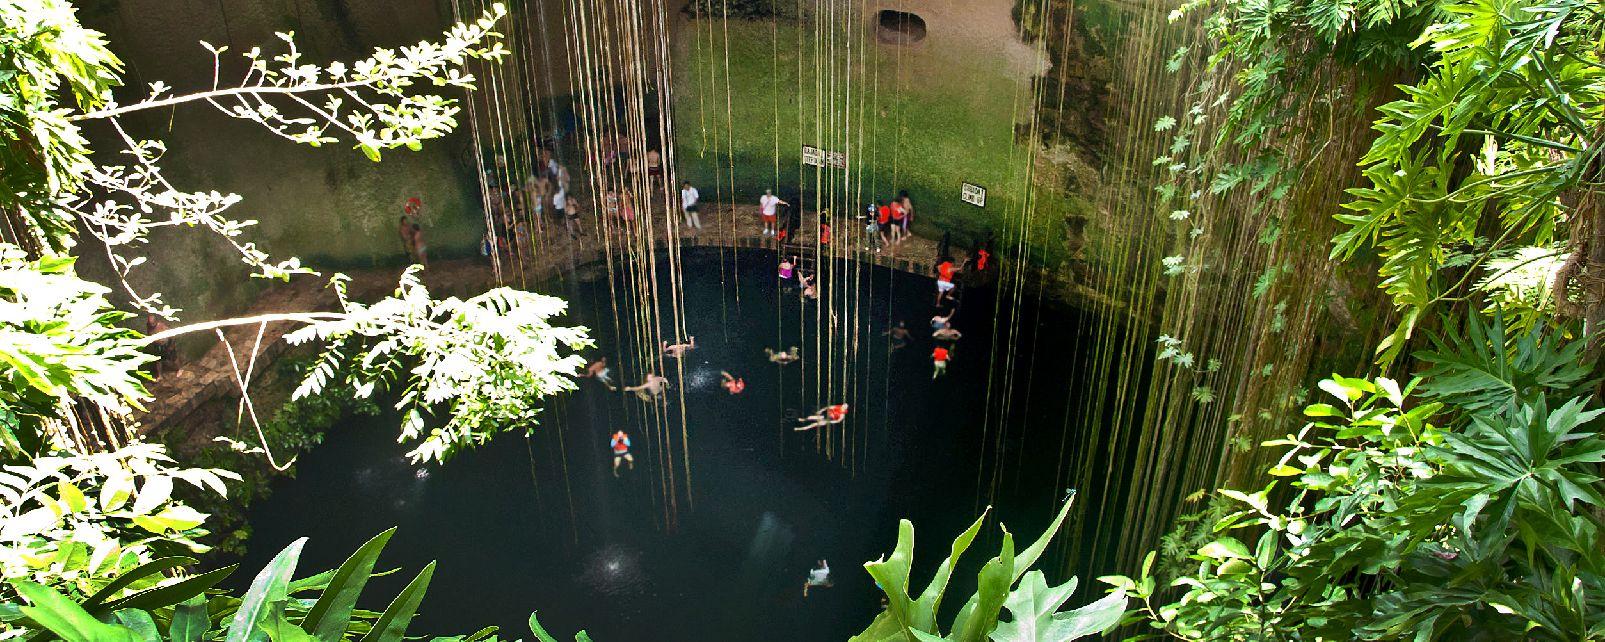 Les cenotes , Les cénotes , Mexique